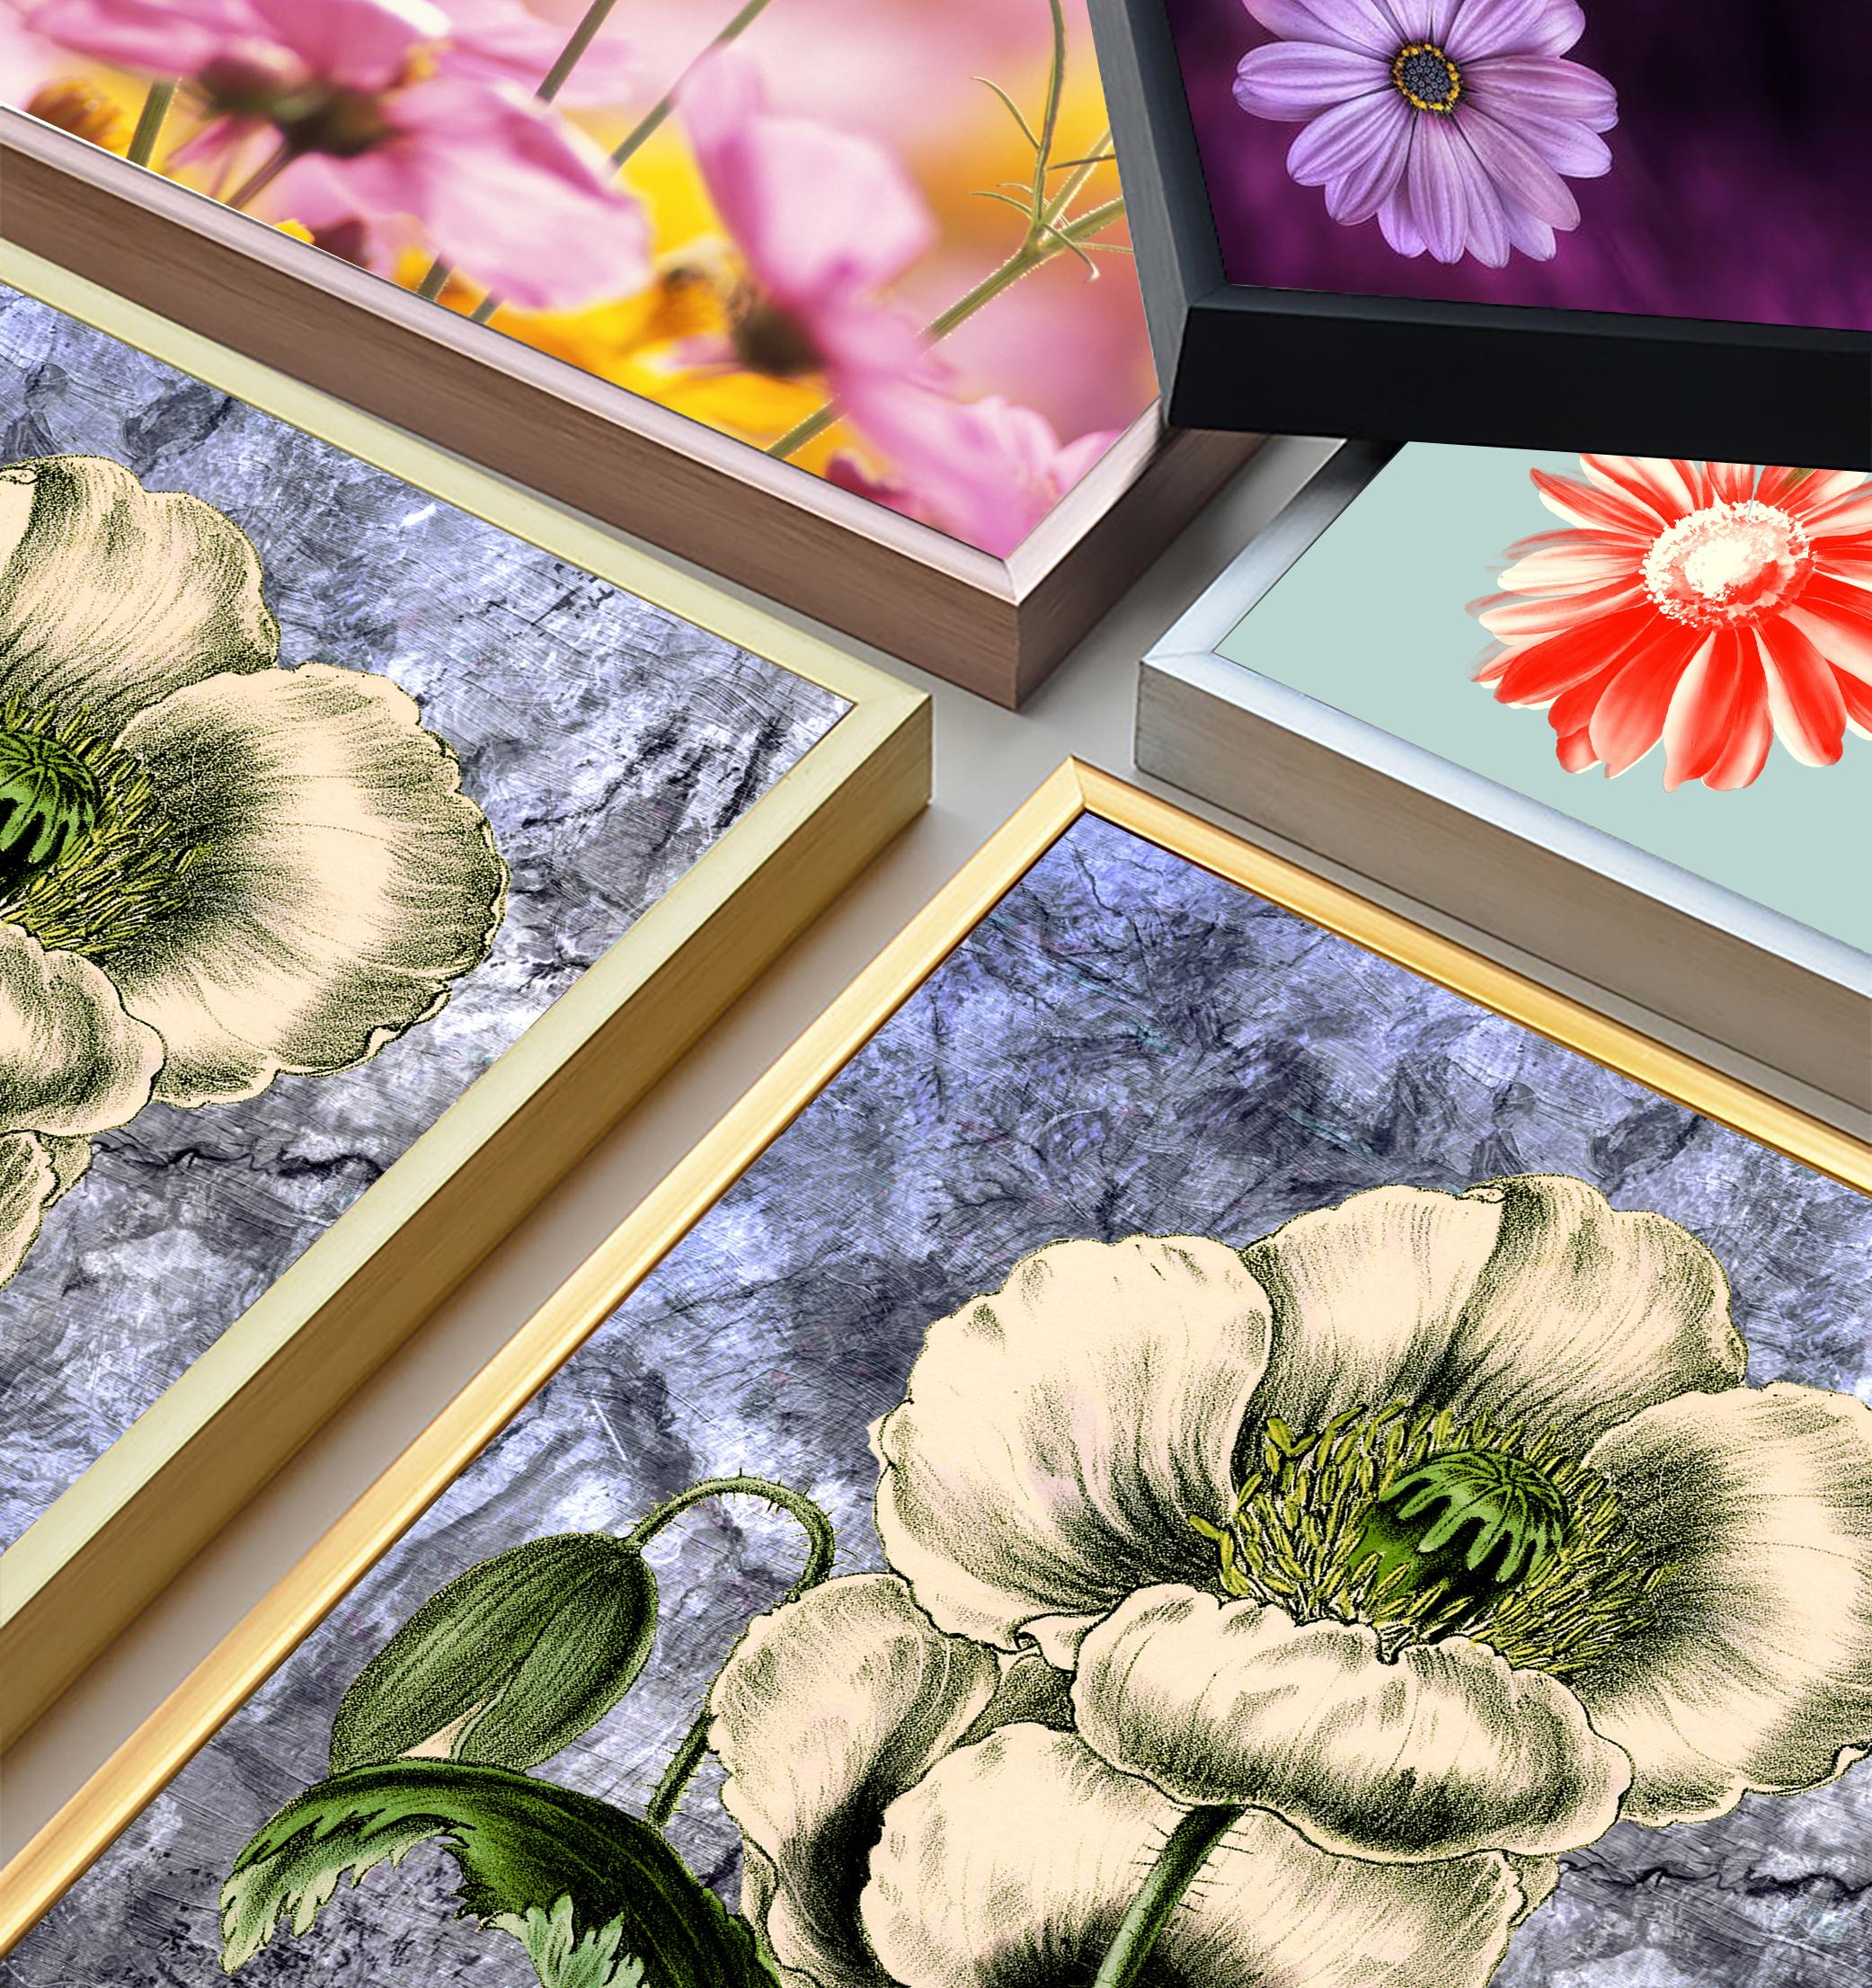 Tranh Canvas Sơn dầu Hoa Nghệ thuật cao cấp. (Bộ 1 bức), Khung hợp nhôm chống ẩm, bền, đẹp, nhiều kích thước. Phù hợp nhiều không gian sang trọng.